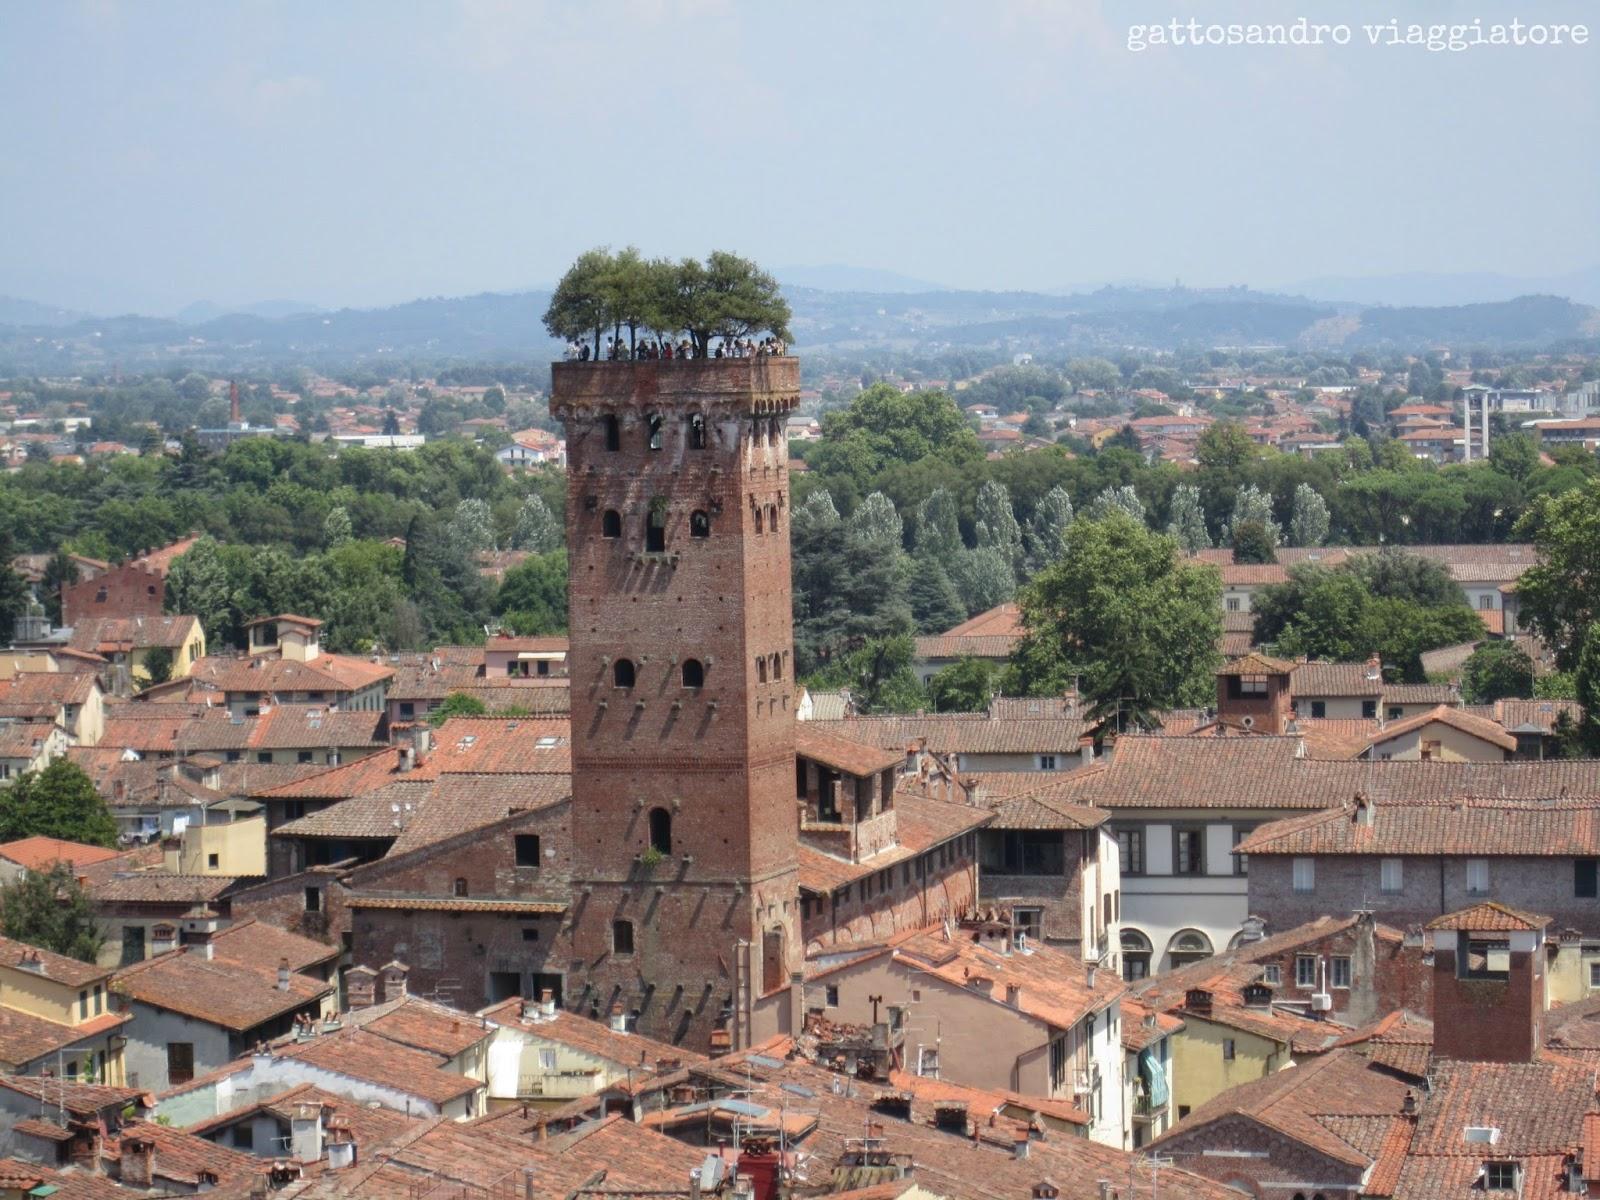 Ristorante Villa Torre Torino